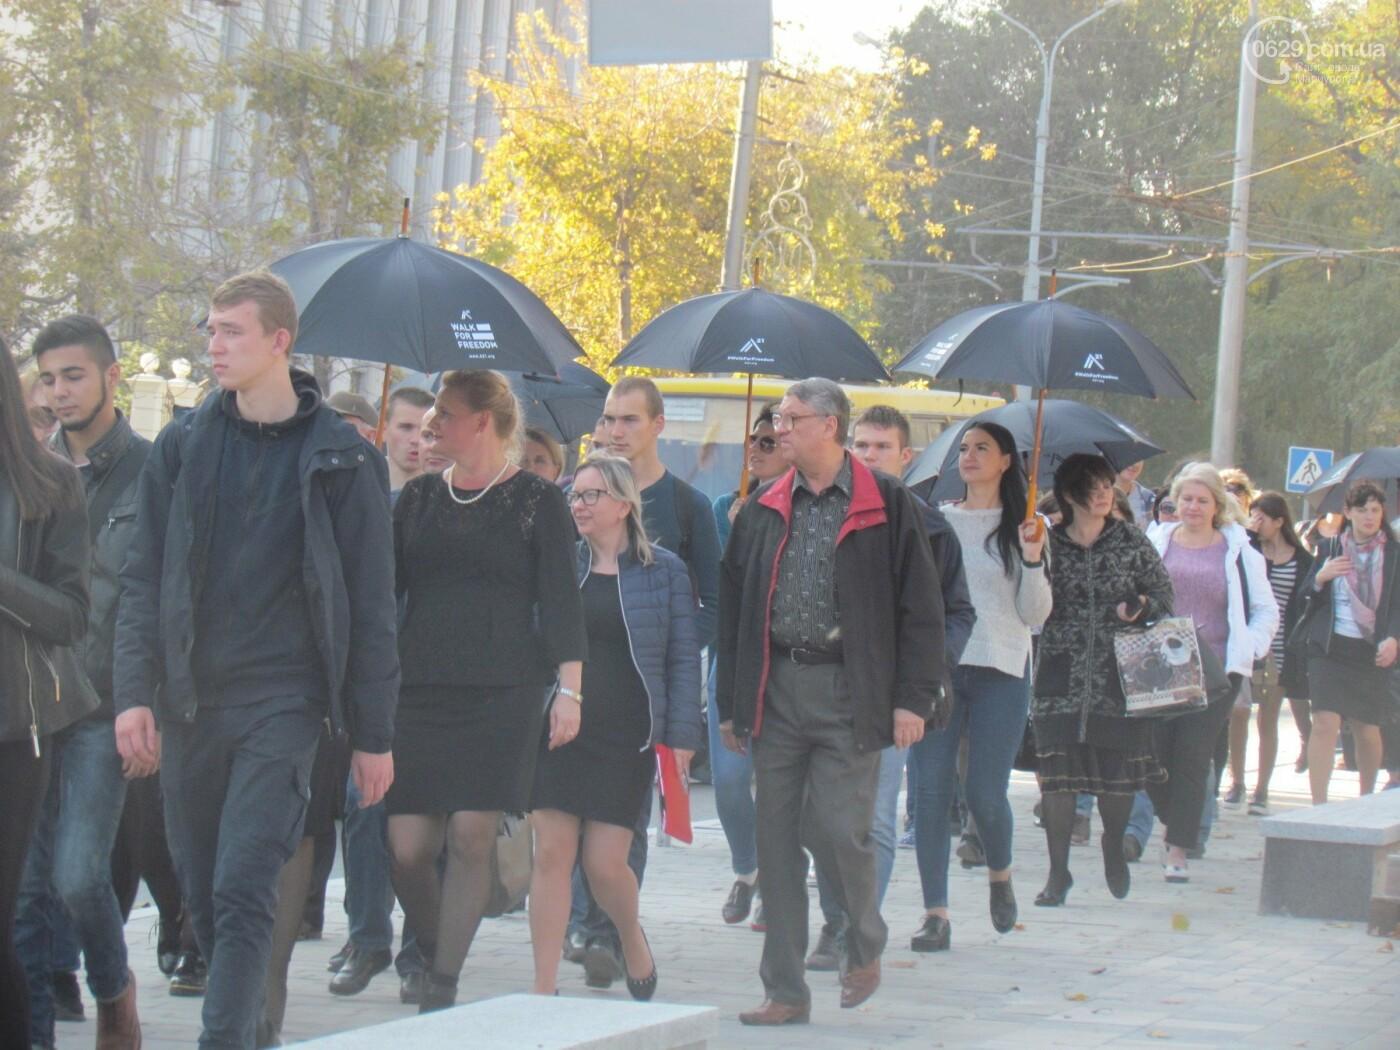 В Мариуполе устроили марш против торговли людьми - ФОТОРЕПОРТАЖ, фото-2